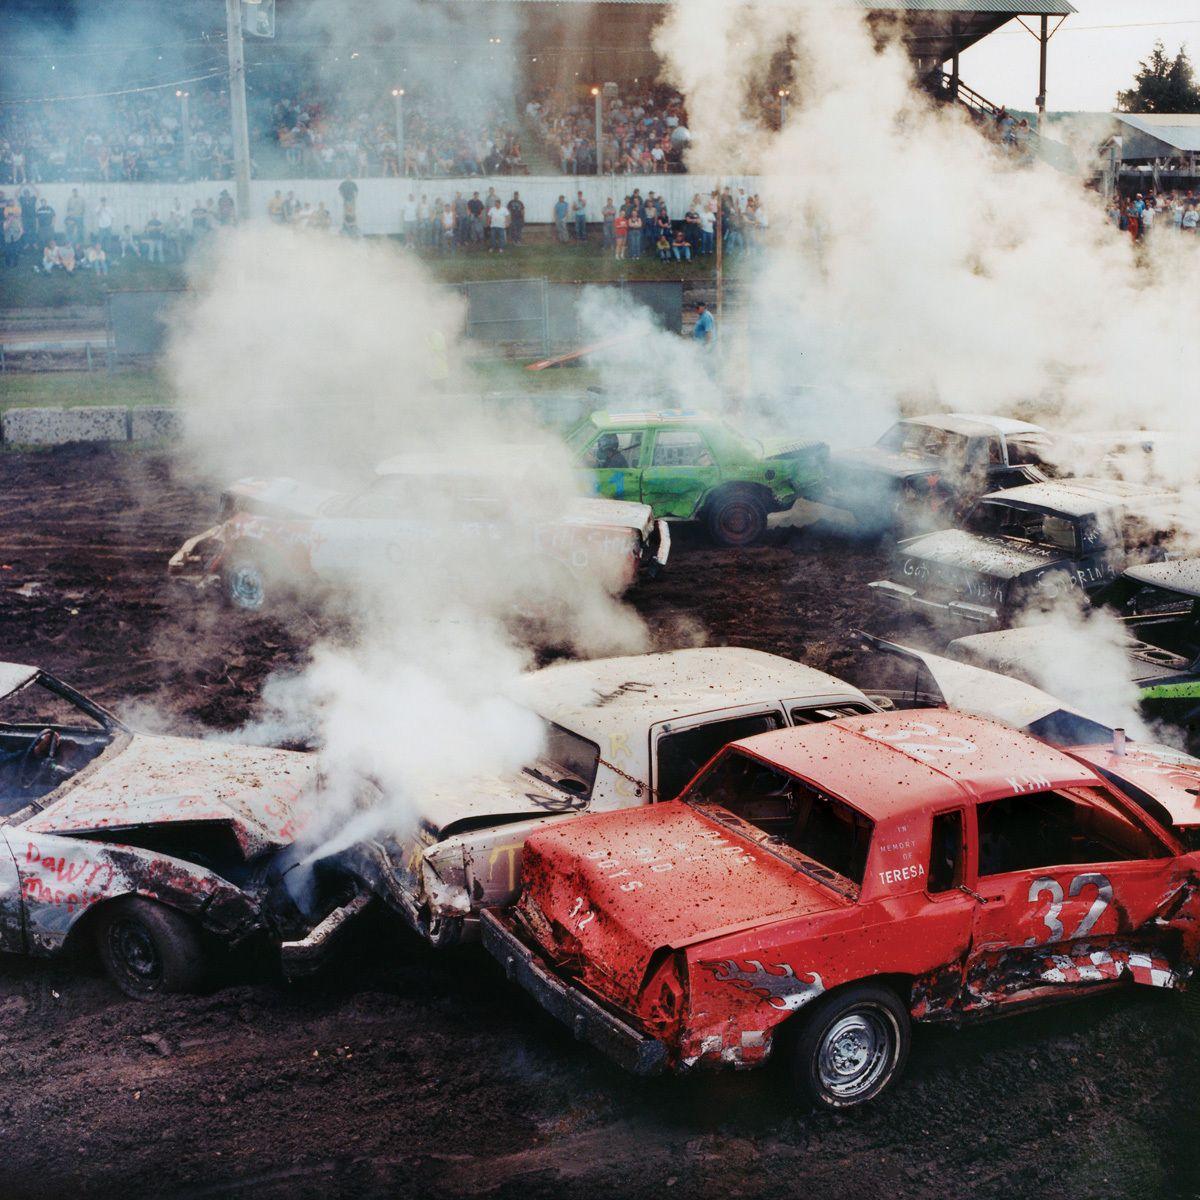 Demo Derby: Heat #8